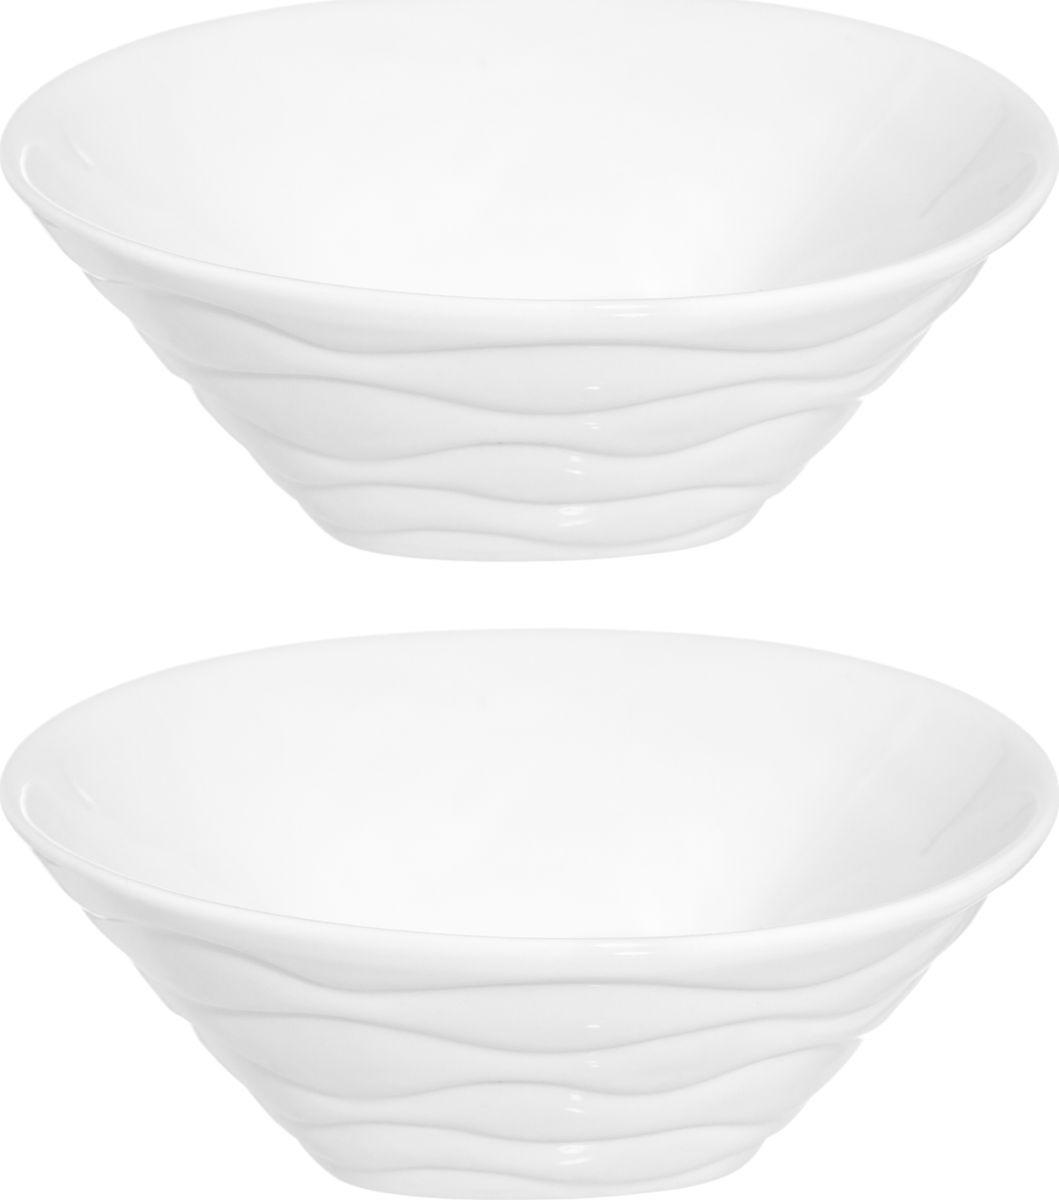 Набор салатников Айсберг, 540236, 200 мл, белый, 2 шт540236Набор салатников серии Айсберг состоит из двух салатников объемом 200 мл. Теплое цветовое решение, изящный рельефный рисунок на фарфоре и удобство использования делают этот набор желанным подарком любой хозяйке. Салатники можно использовать для сервировки закусок, орешков и сладостей. В серии фарфоровой посуды с использованием бамбука представлен широкий ассортимент товаров для сервировки стола, которые несомненно впишутся в любой интерьер благодаря лаконичному дизайну, натуральным материалам и высокой функциональности. Такому подарку будет рада любая хозяйка!